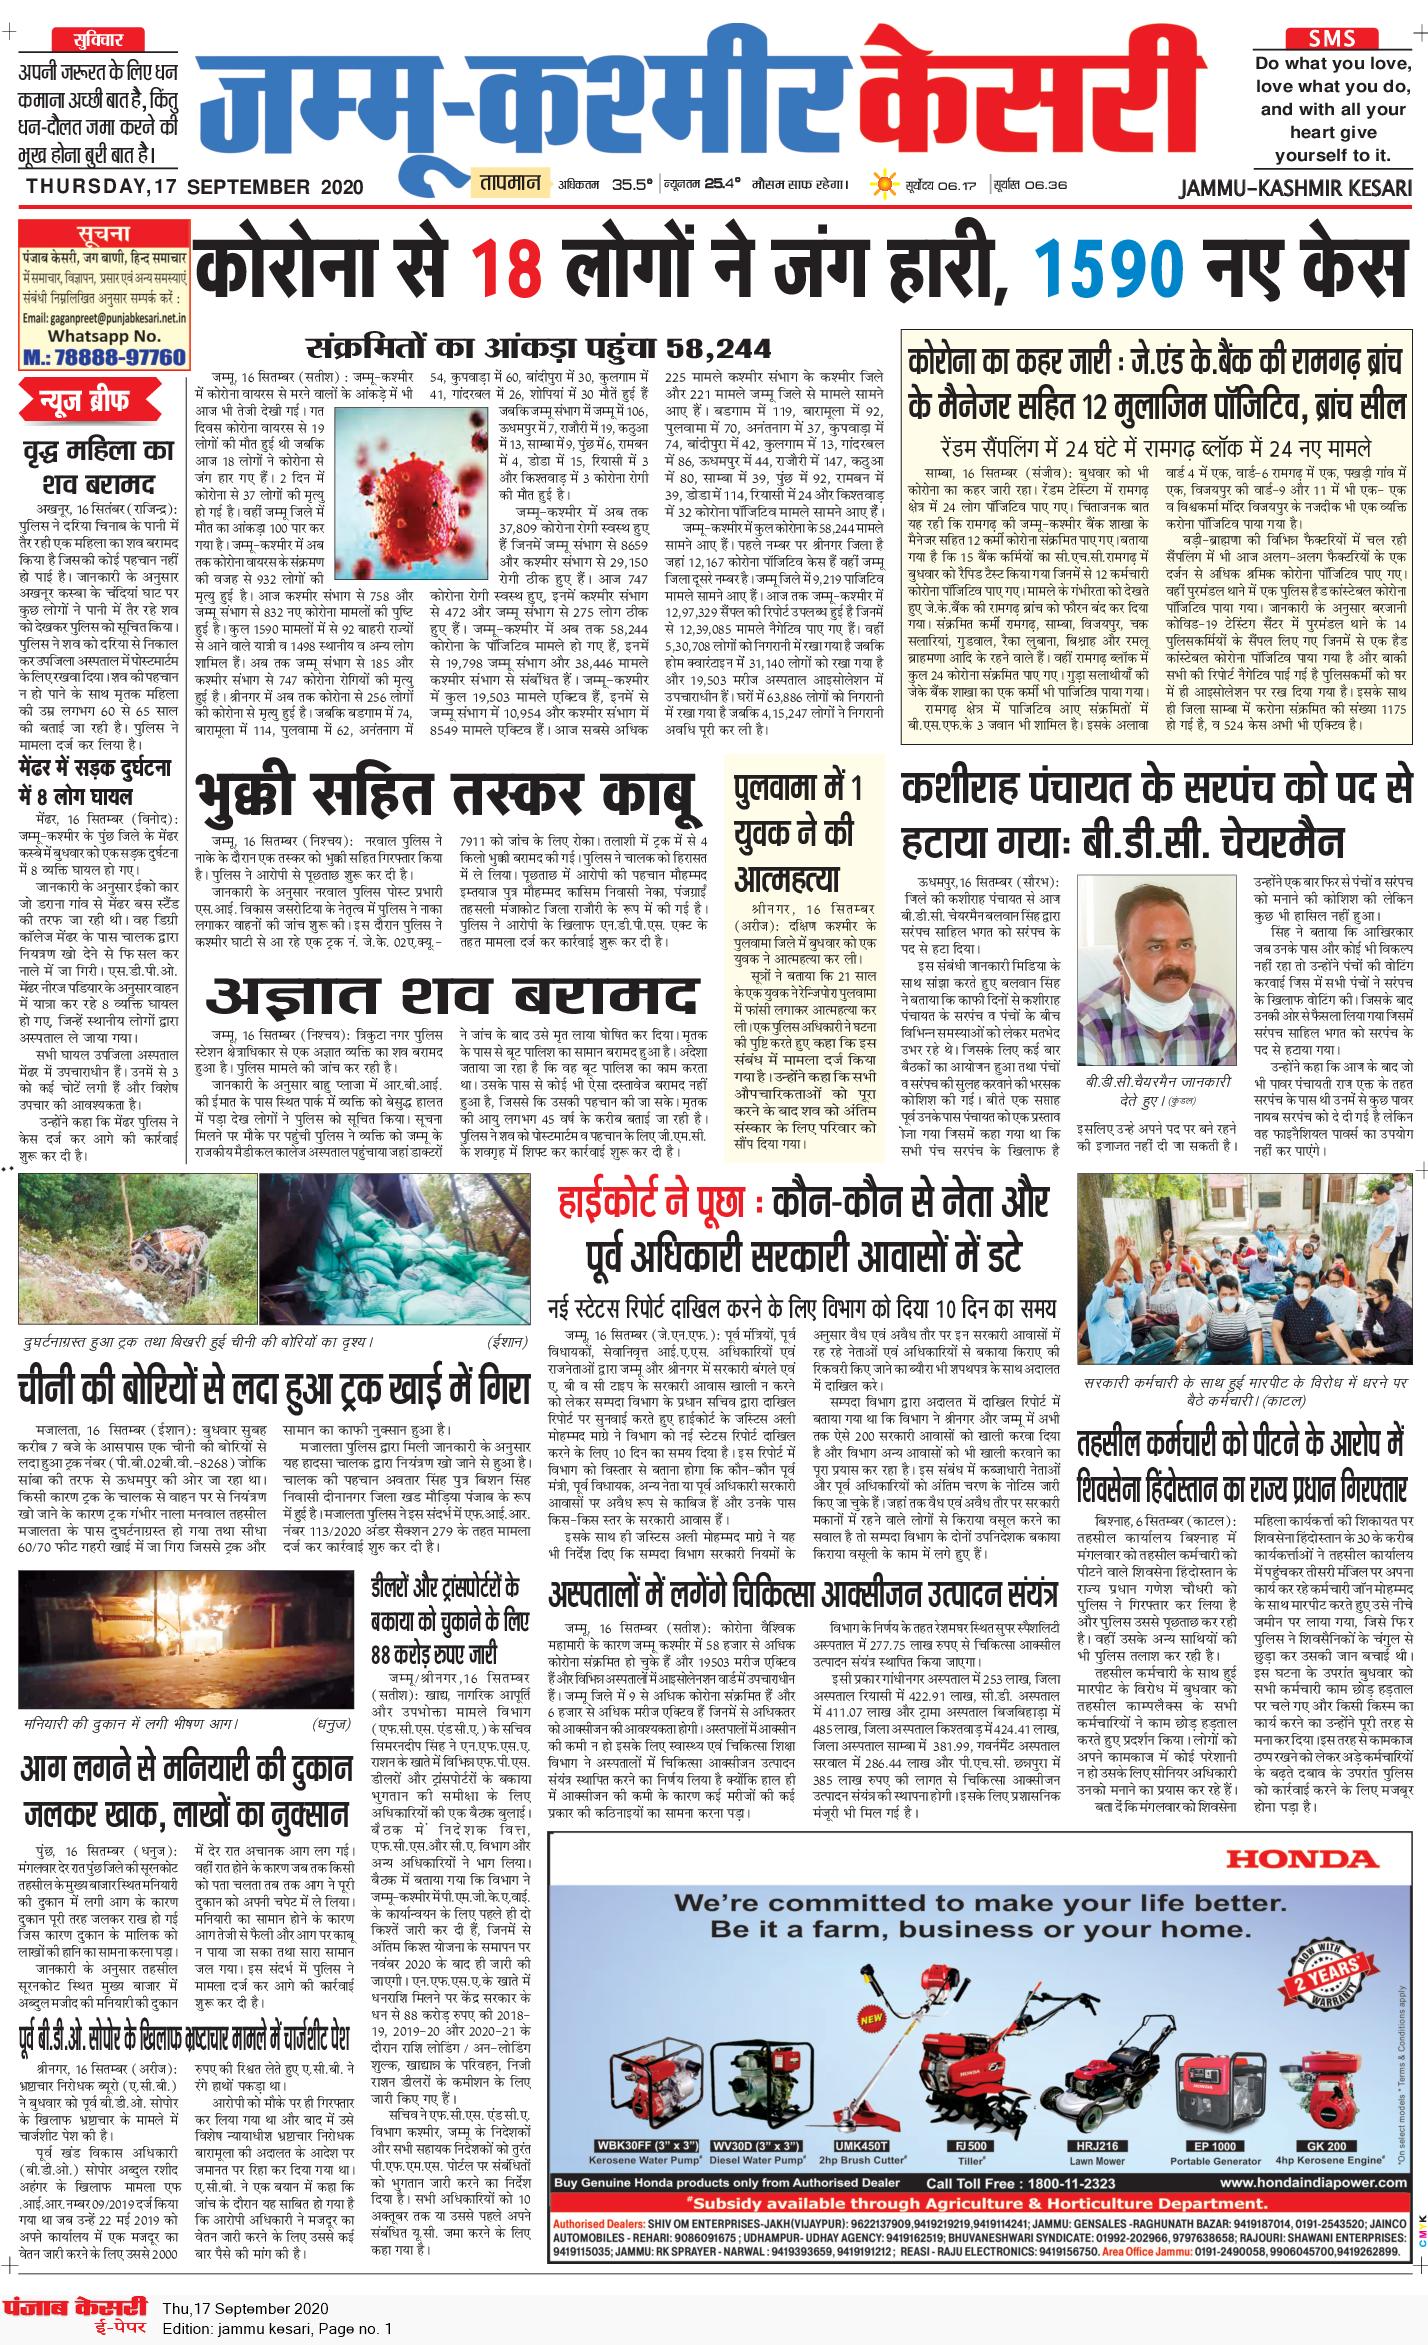 Jammu Kesari 9/17/2020 12:00:00 AM